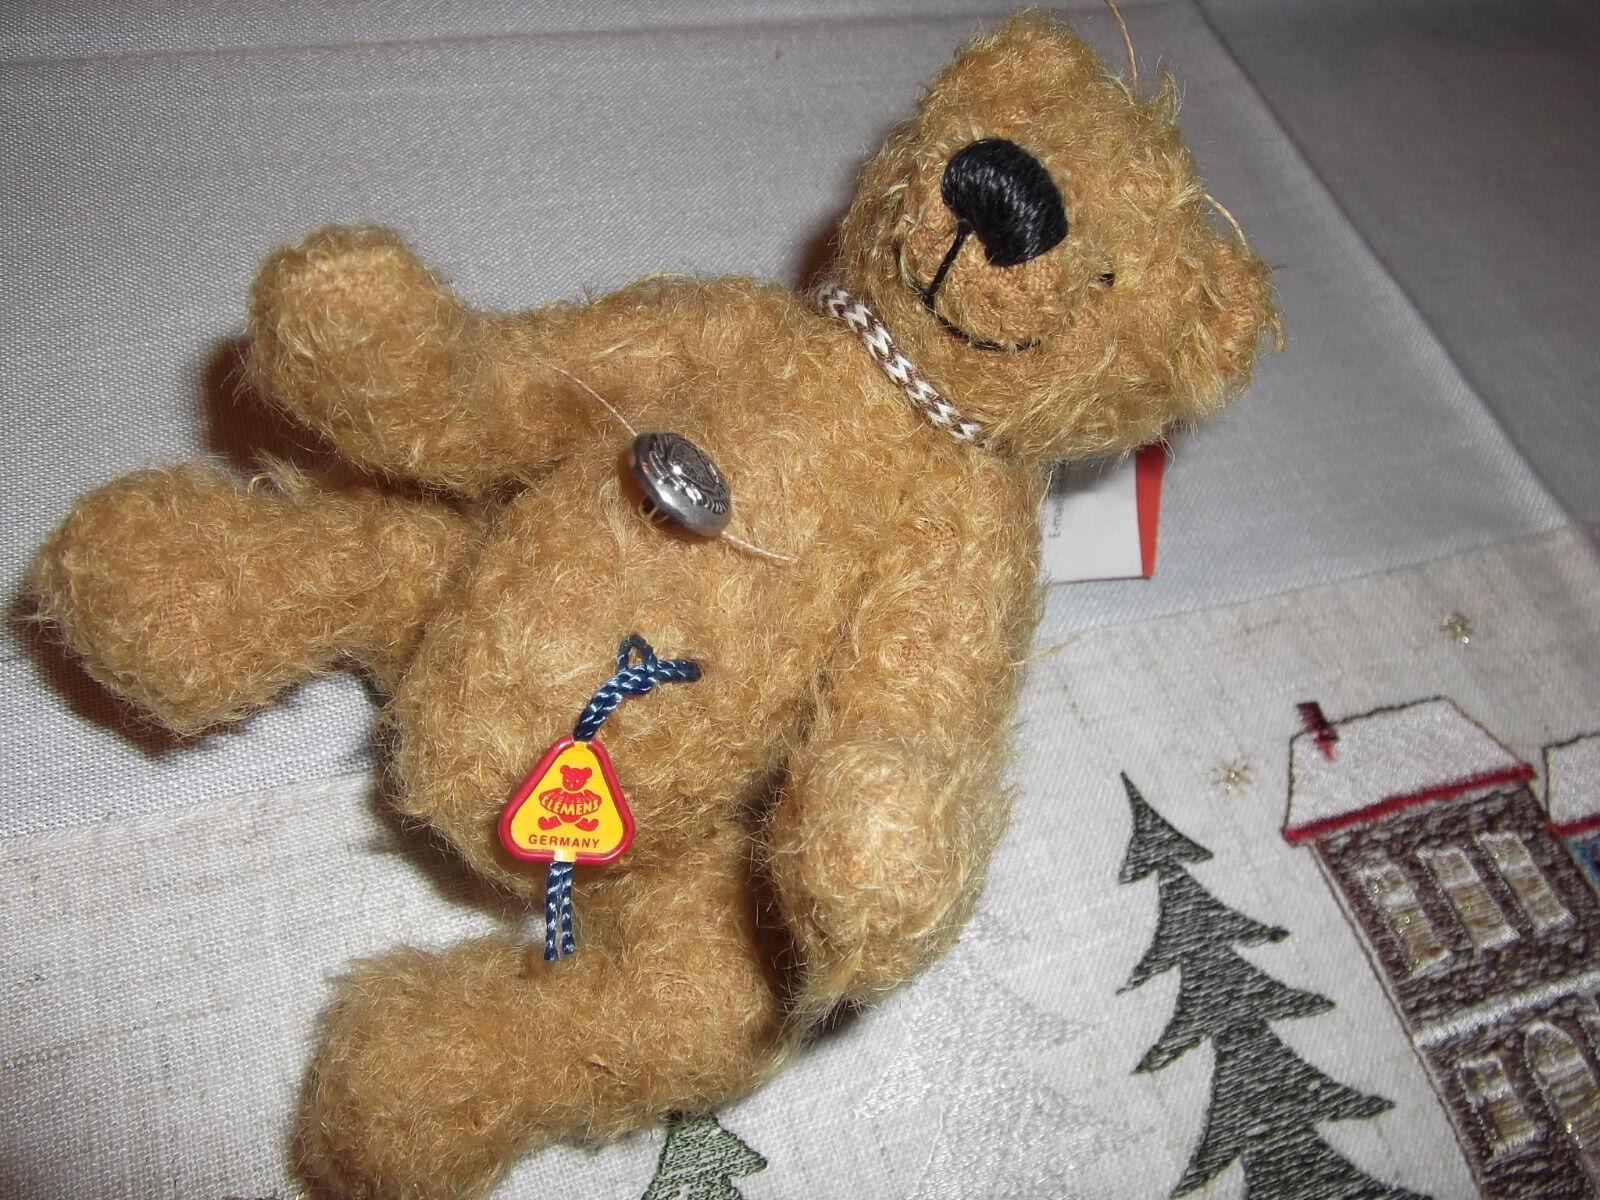 Clemens-Teddy con certificato, piena movibile, circa 15 cm, pezzo di vetrina